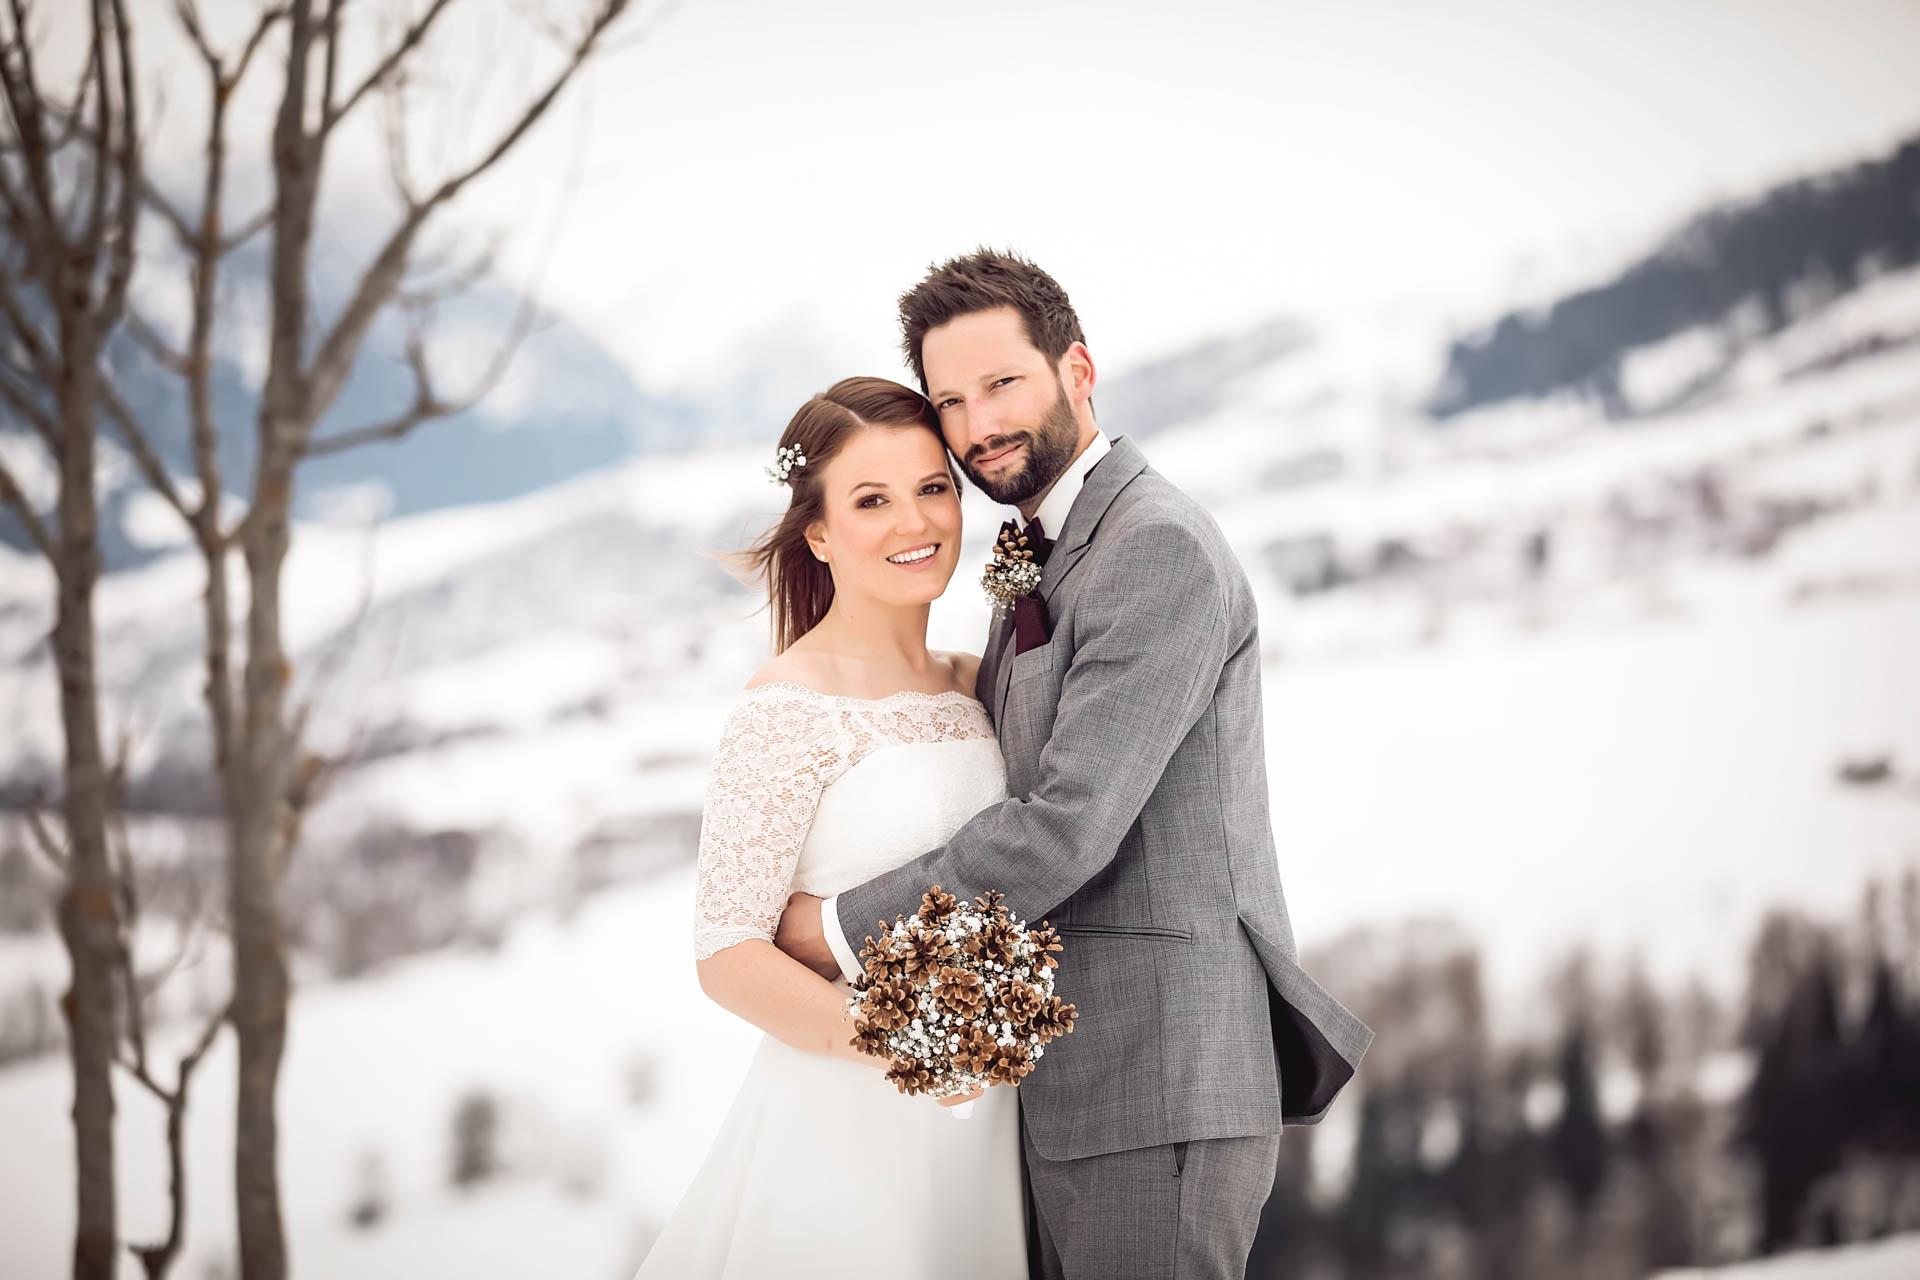 Winterhochzeit in den Bergen - glückliches Brautpaar